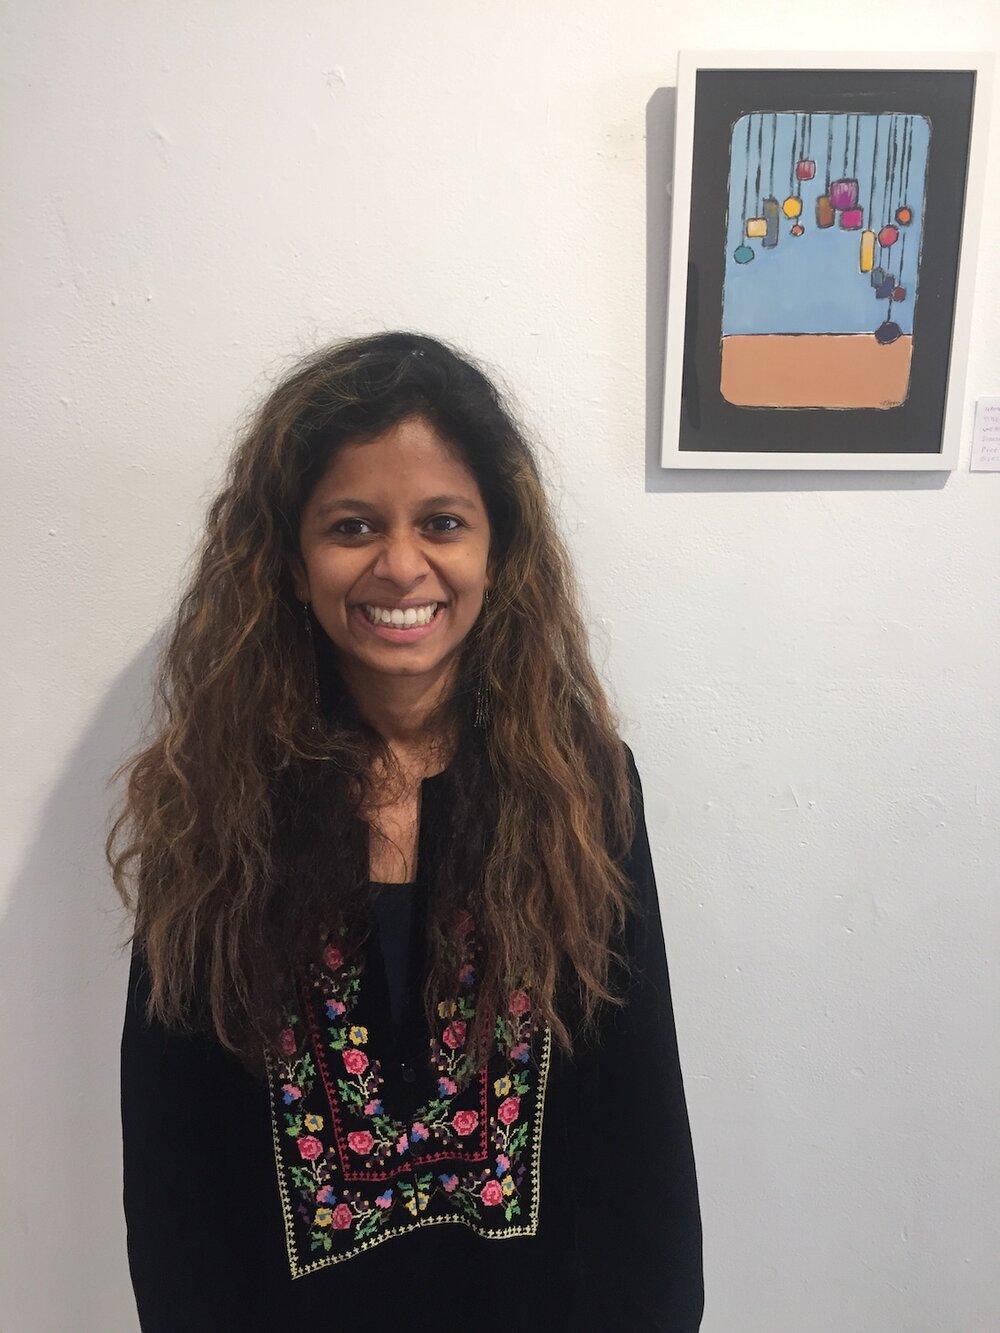 Y.R.Egon, Ruchira Amare with her work, NYC, 2019